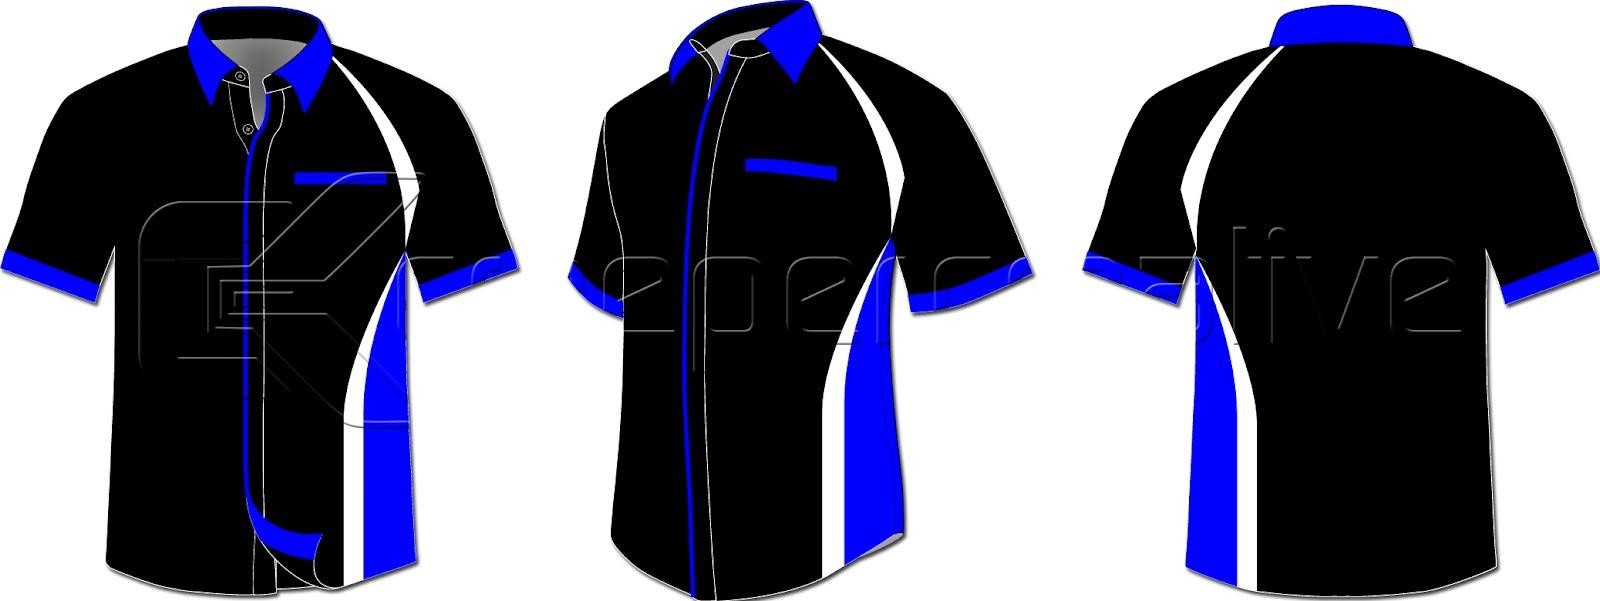 F1 Uniform: F1 Uniform CS 04 Series